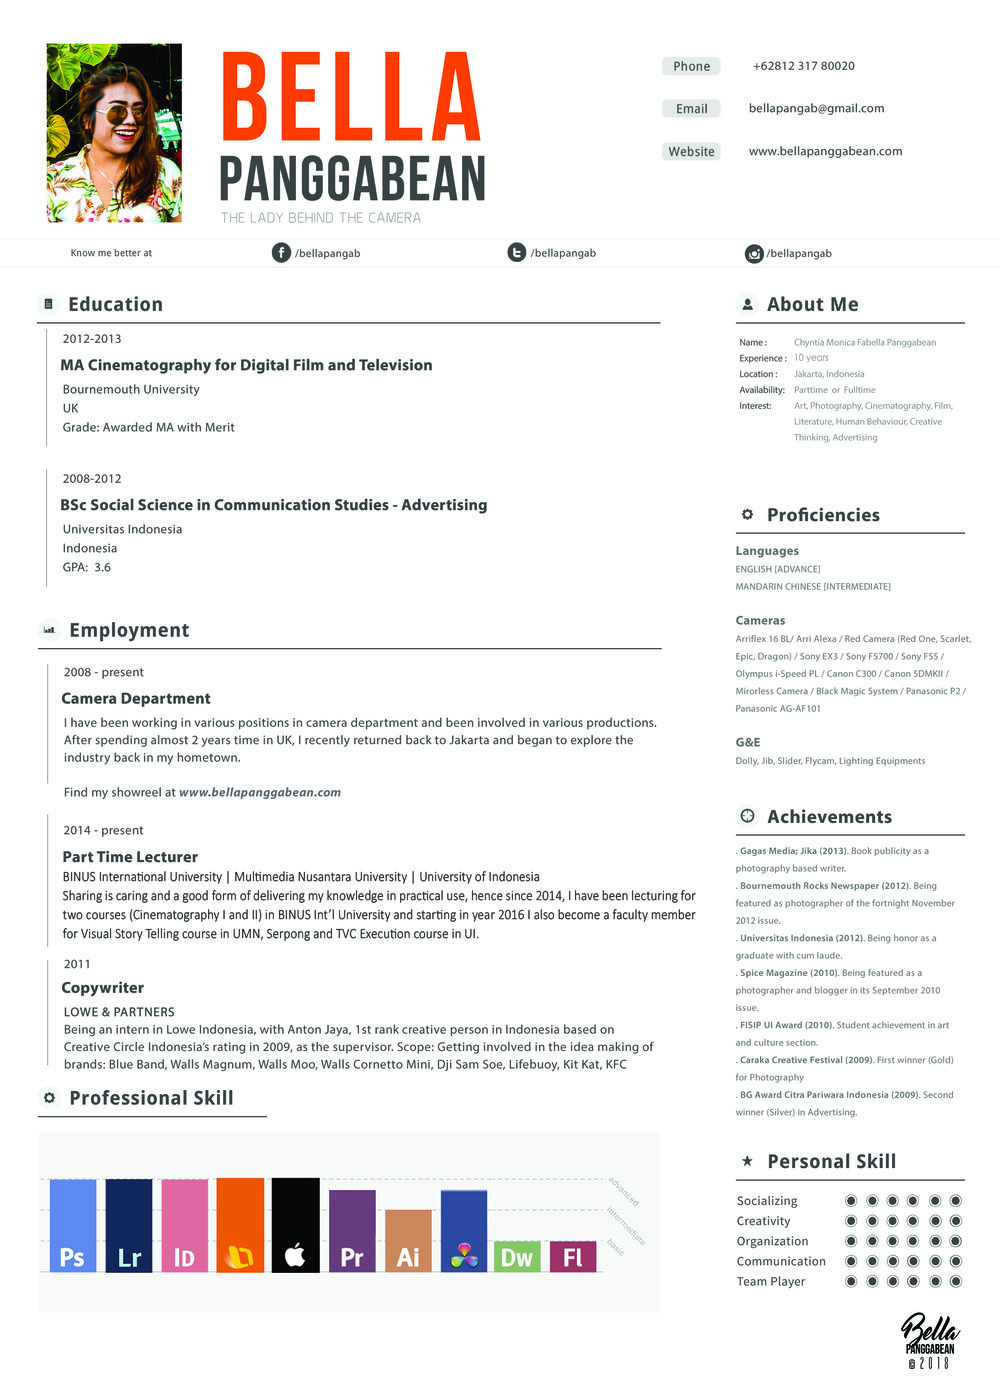 CV BELLA PANGGABEAN 2018